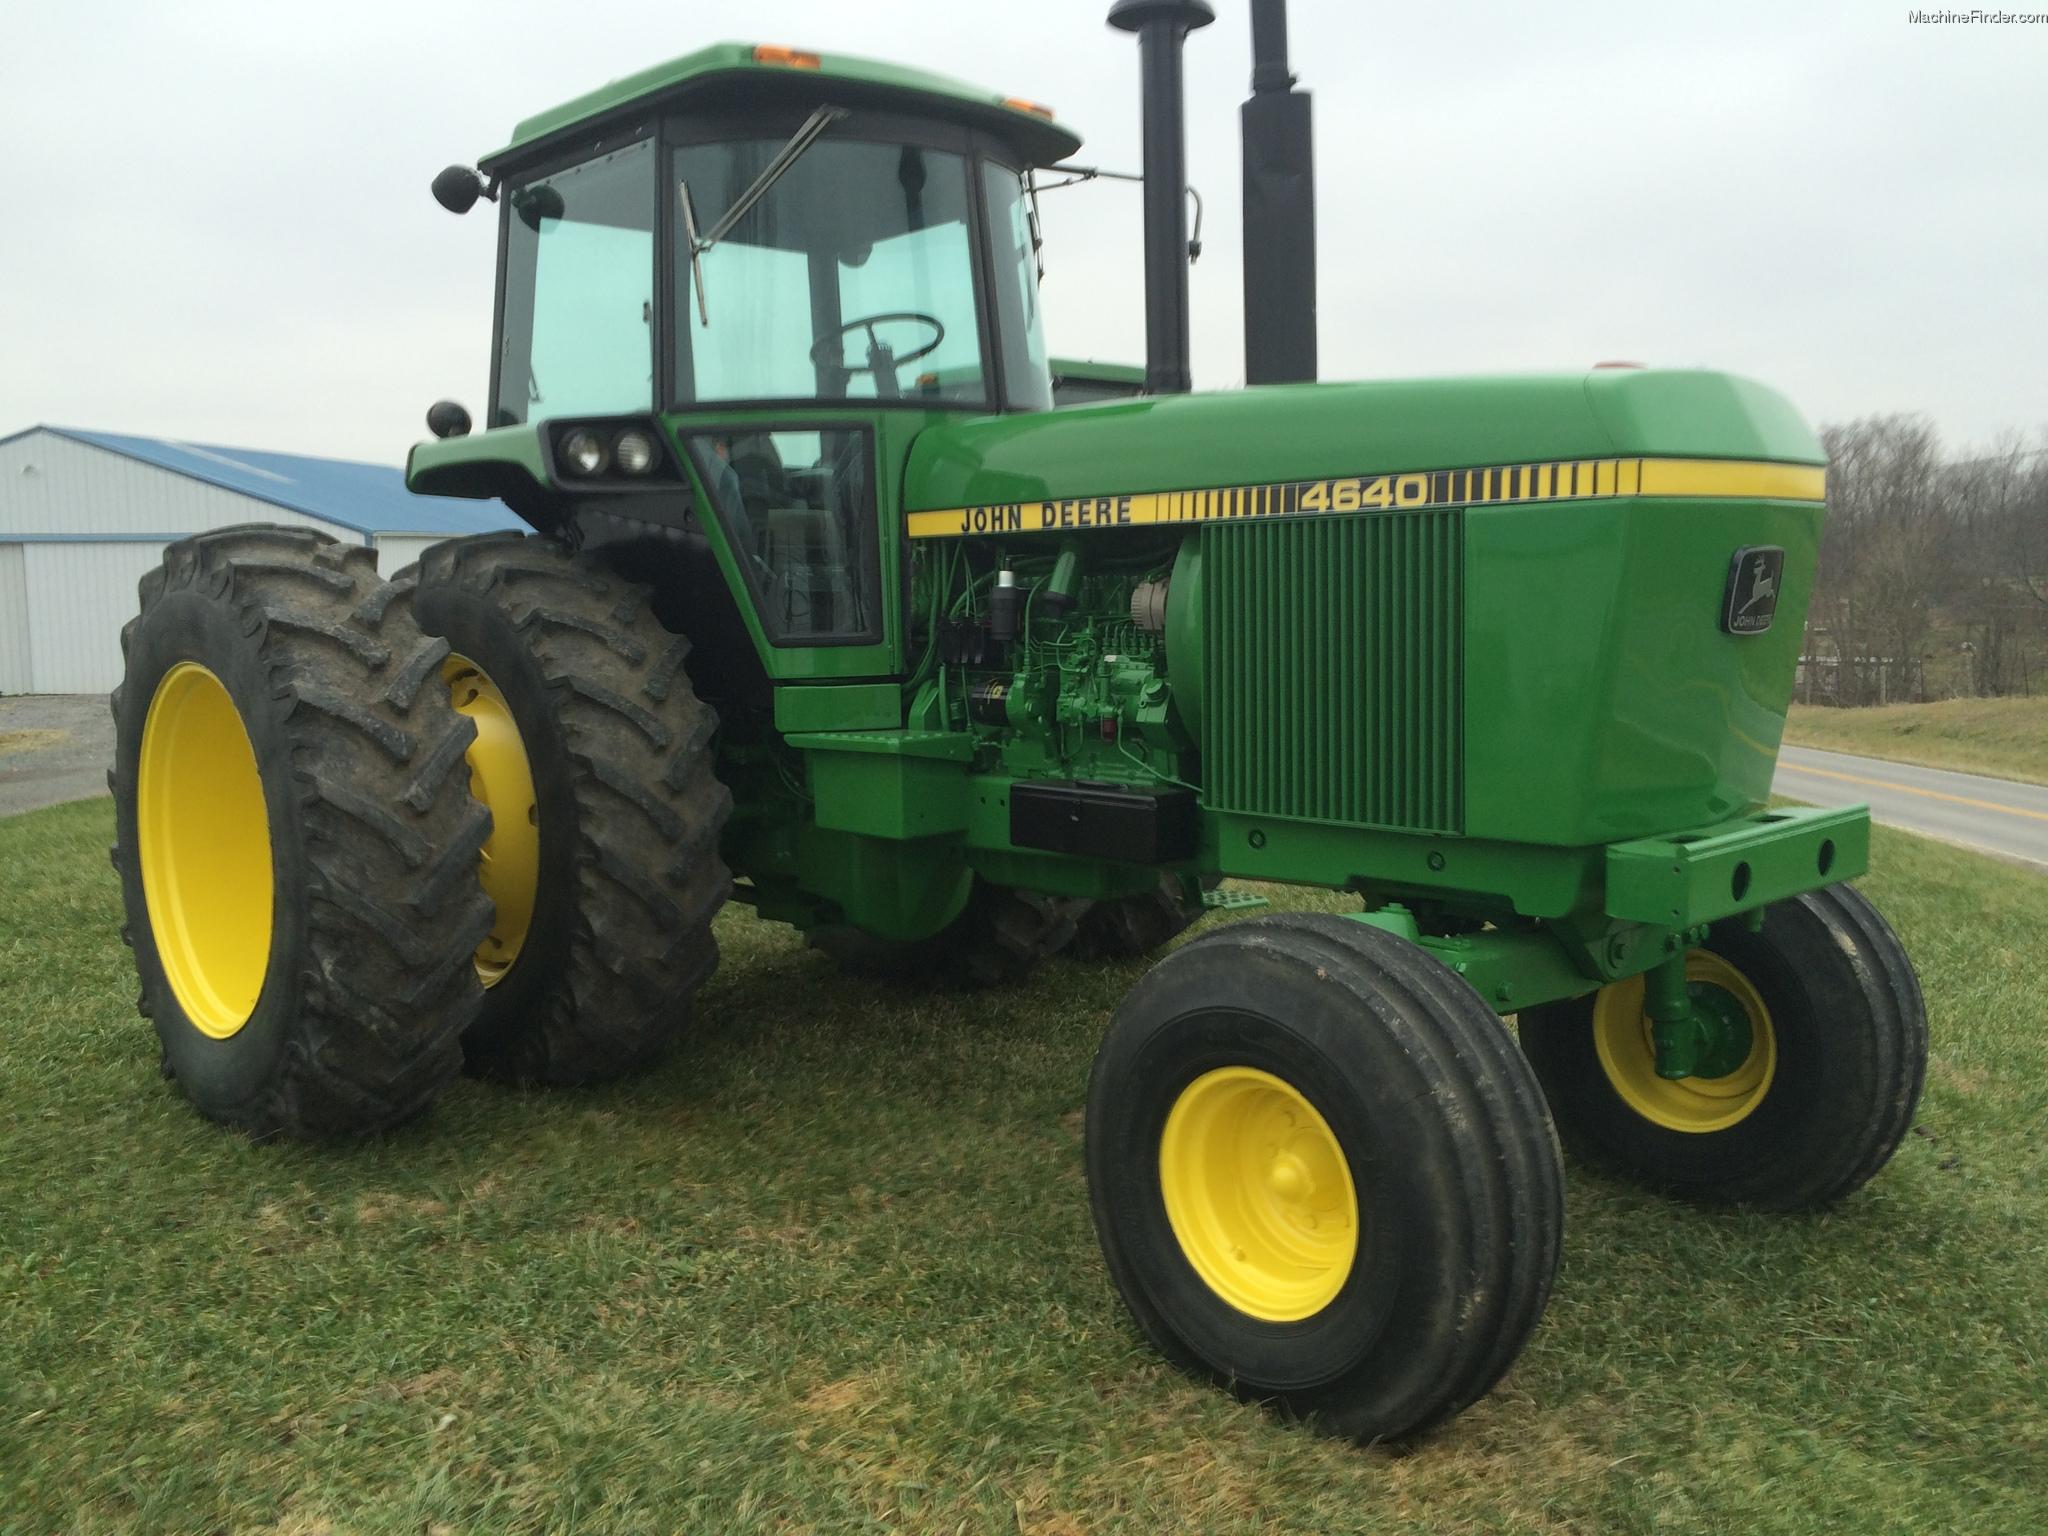 1980 John Deere 4640 Tractors - Row Crop   100hp